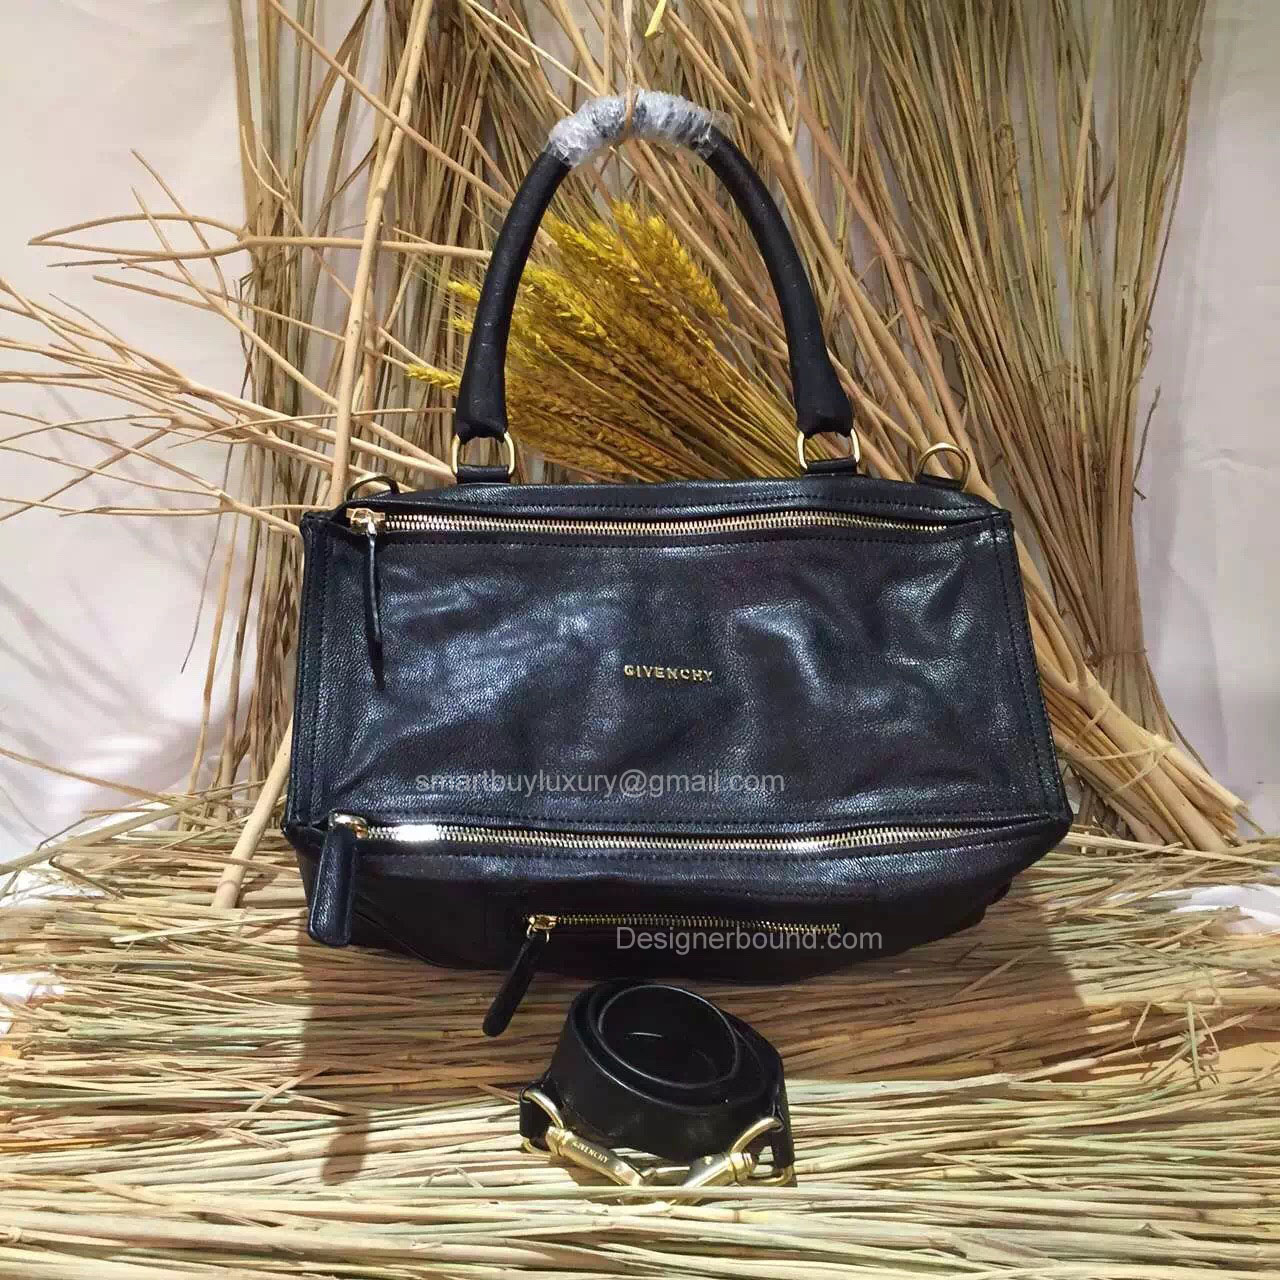 Реплики известных сумок доступное отражение моды